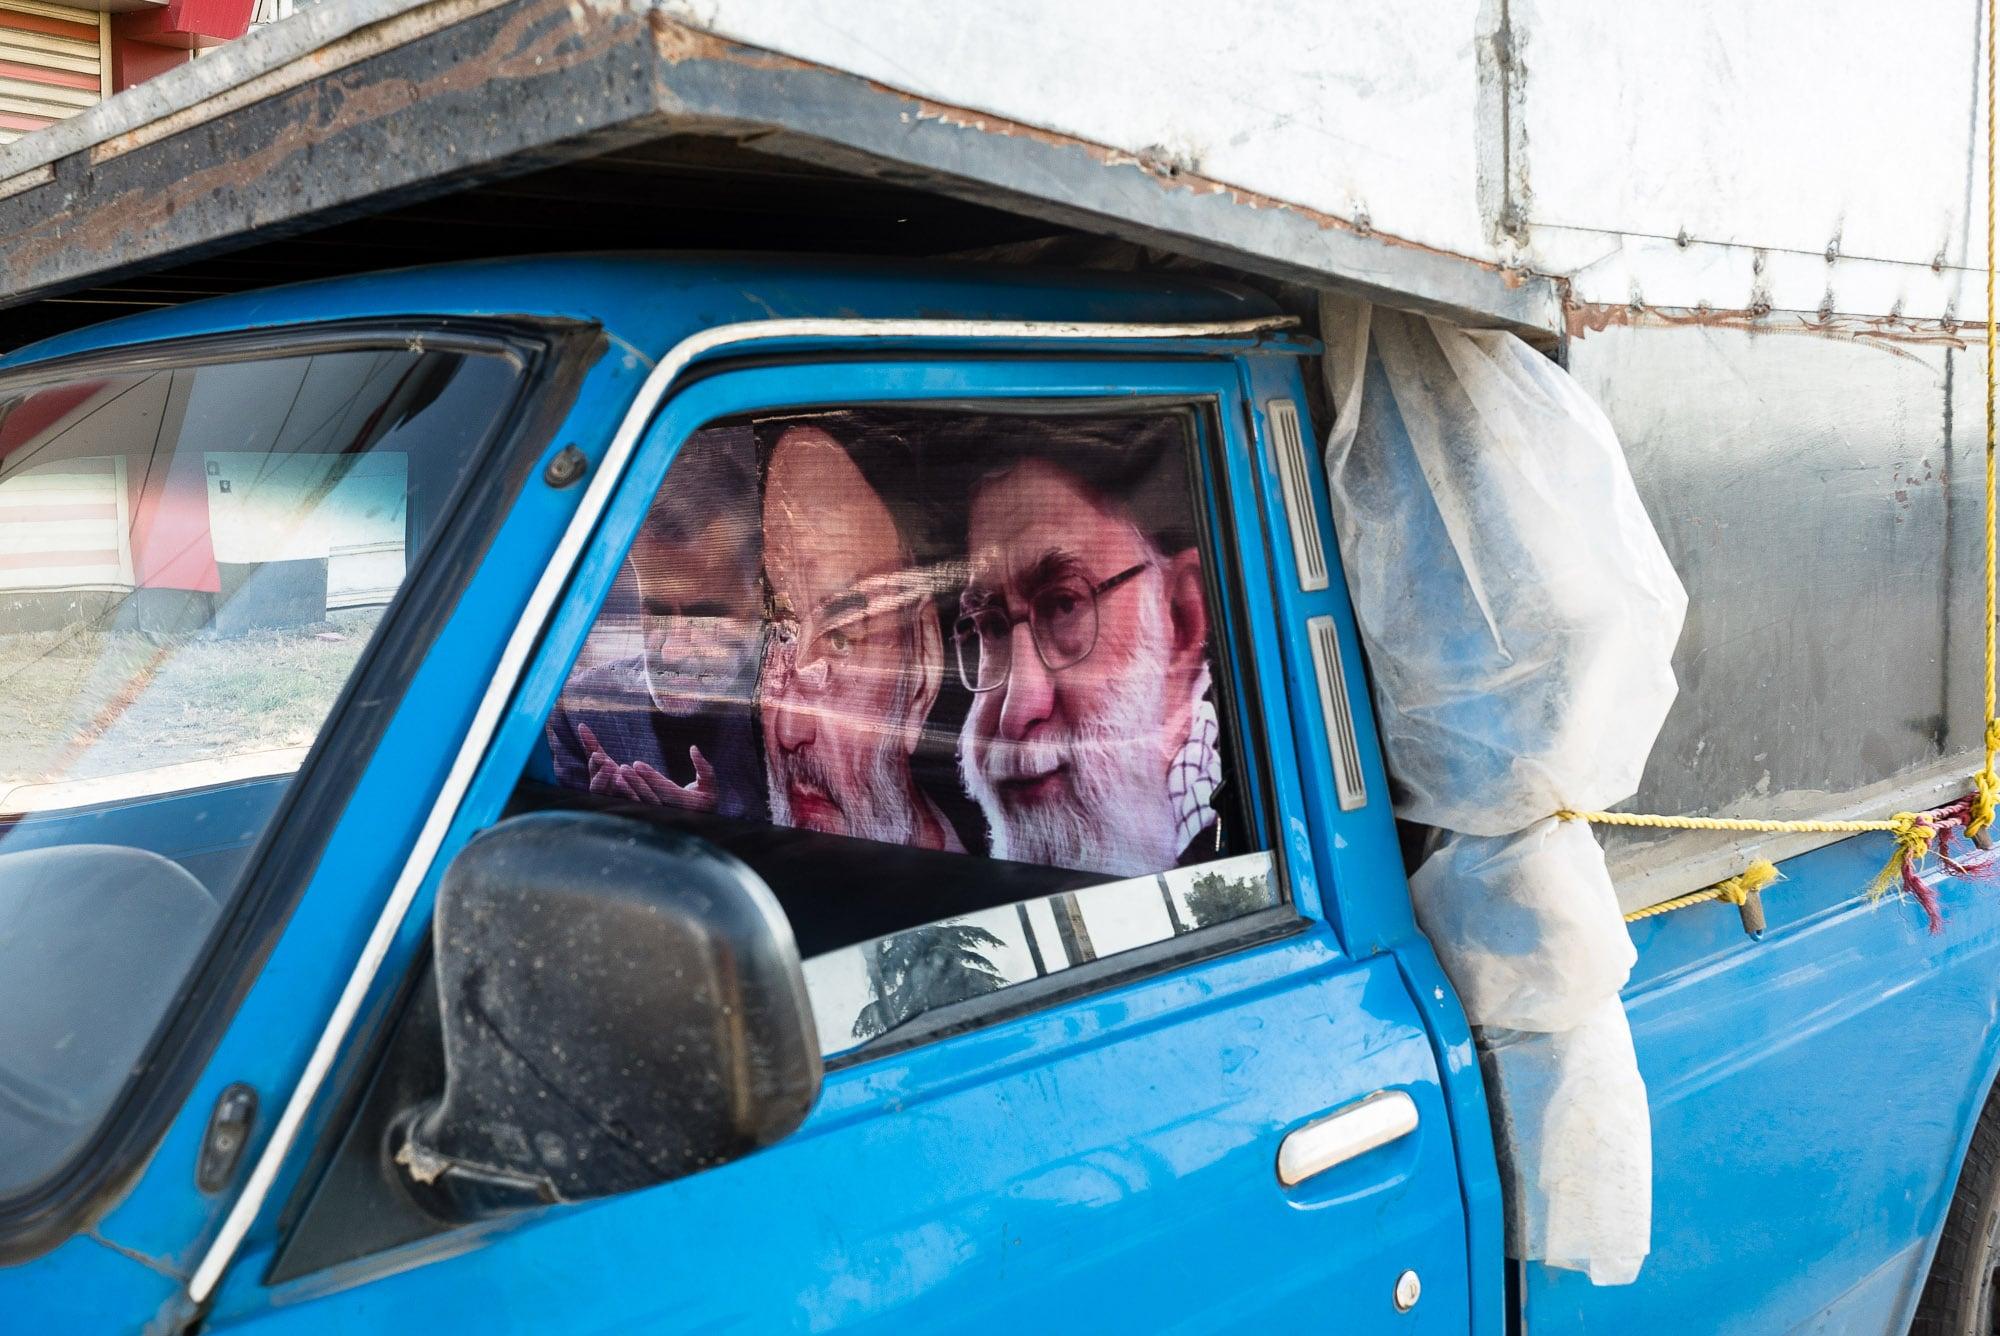 Ayatollah in a car